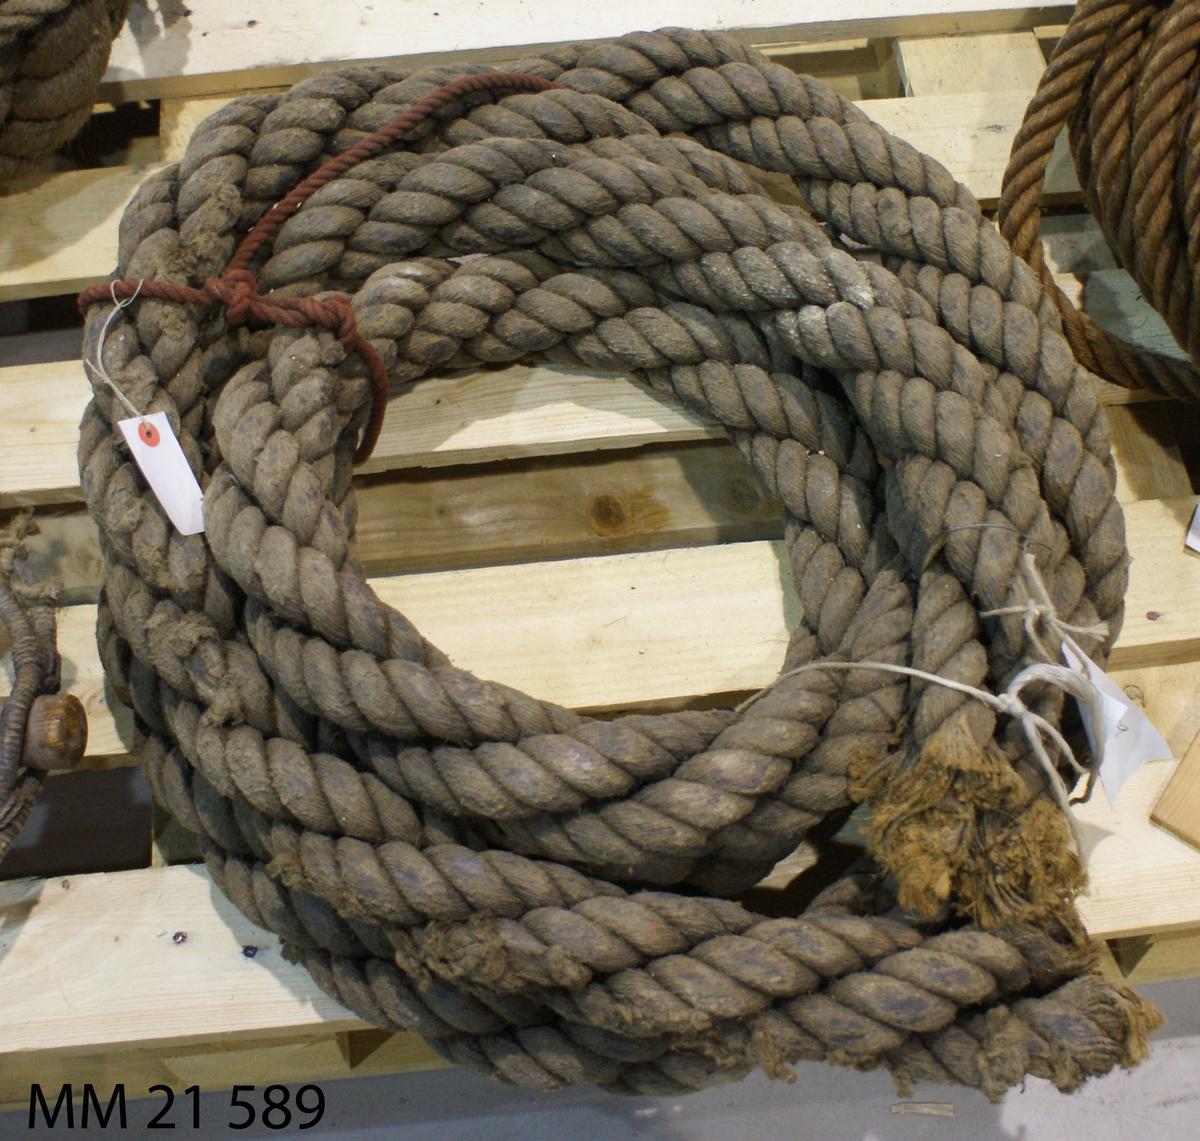 Kabel ligger i lindad längd, kabelslagen. Längden uppskattad till 6,4 meter.